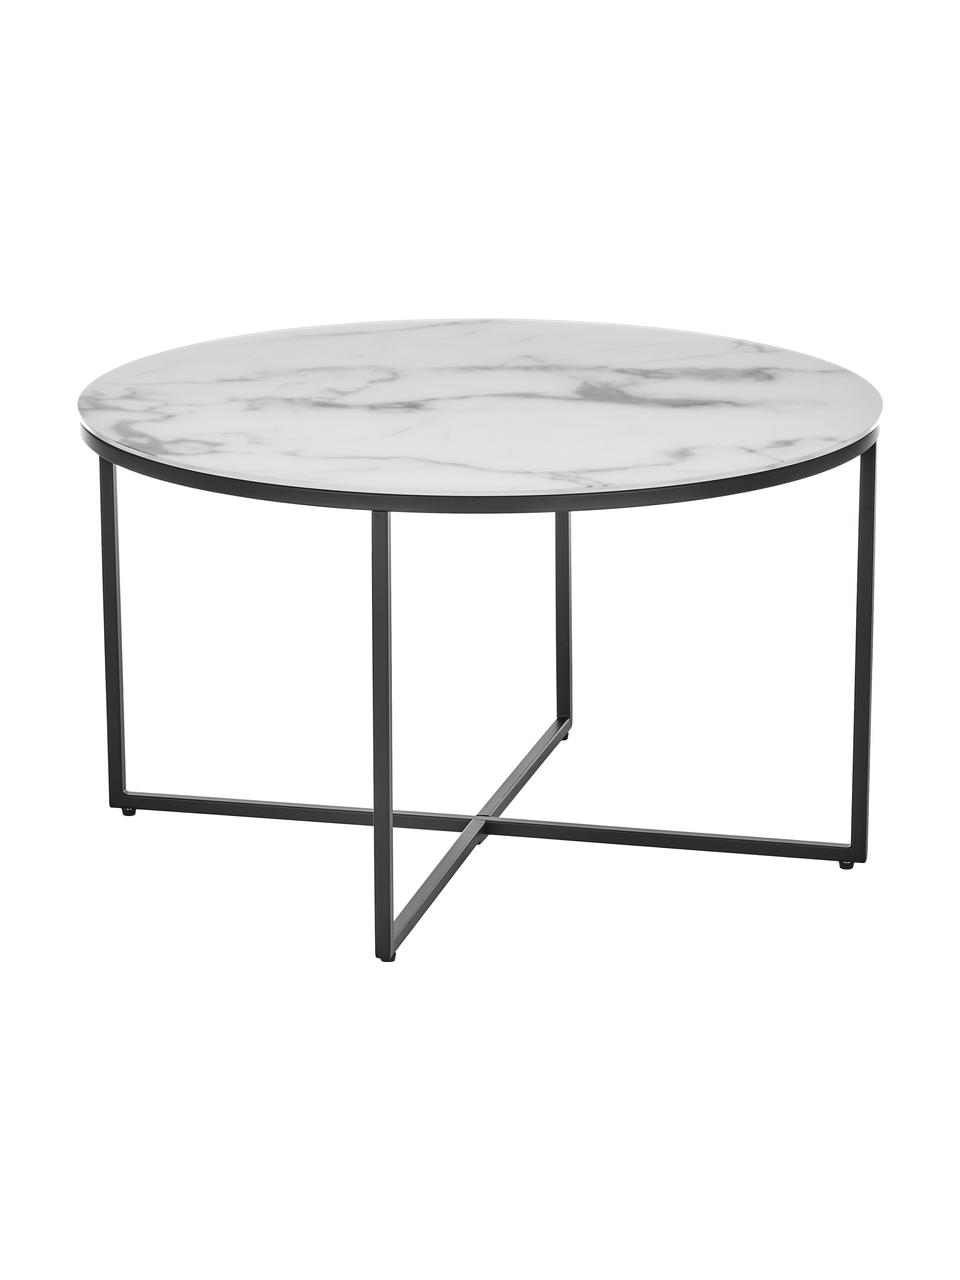 Konferenční stolek smramorovanou skleněnou deskou Antigua, Bílo-šedá mramorovaná, černá